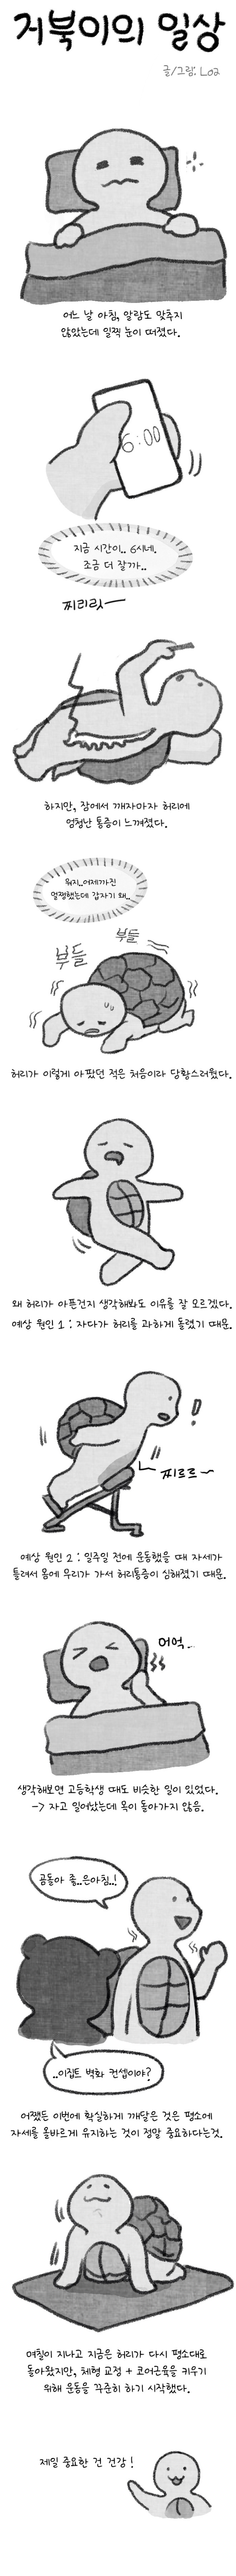 운동계기 웹툰.jpg